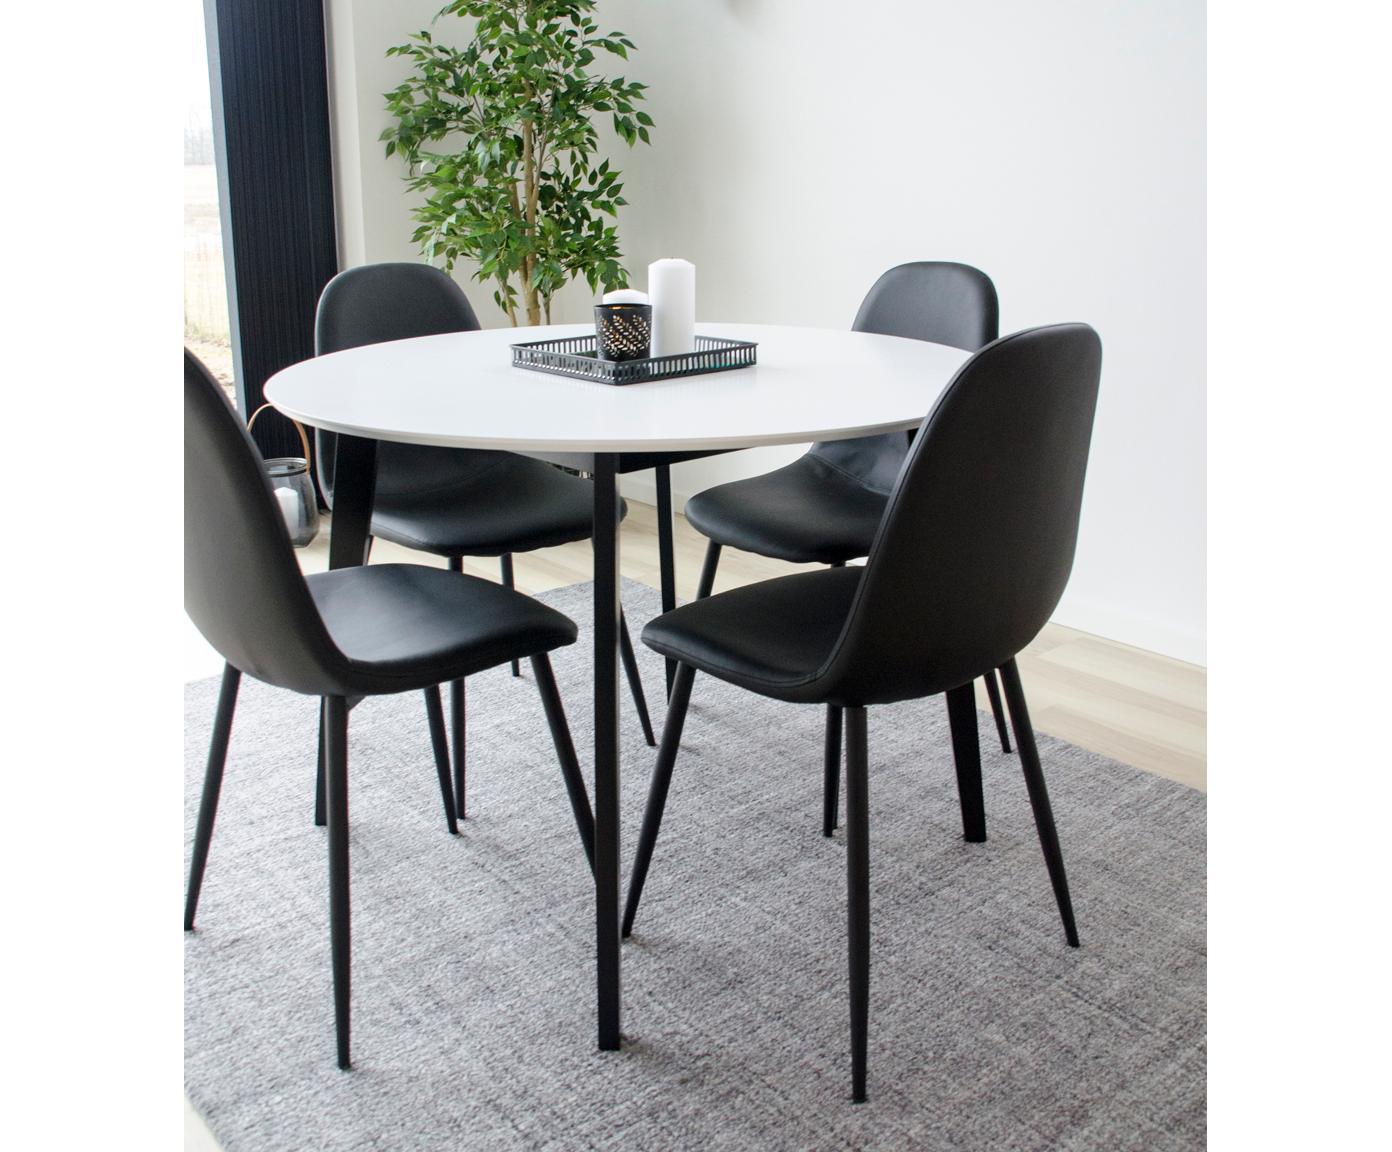 Runder Esstisch Vojens mit weißer Tischplatte, Tischplatte: Mitteldichte Holzfaserpla, Beine: Gummibaumholz, Weiß, Schwarz, Ø 105 x H 75 cm